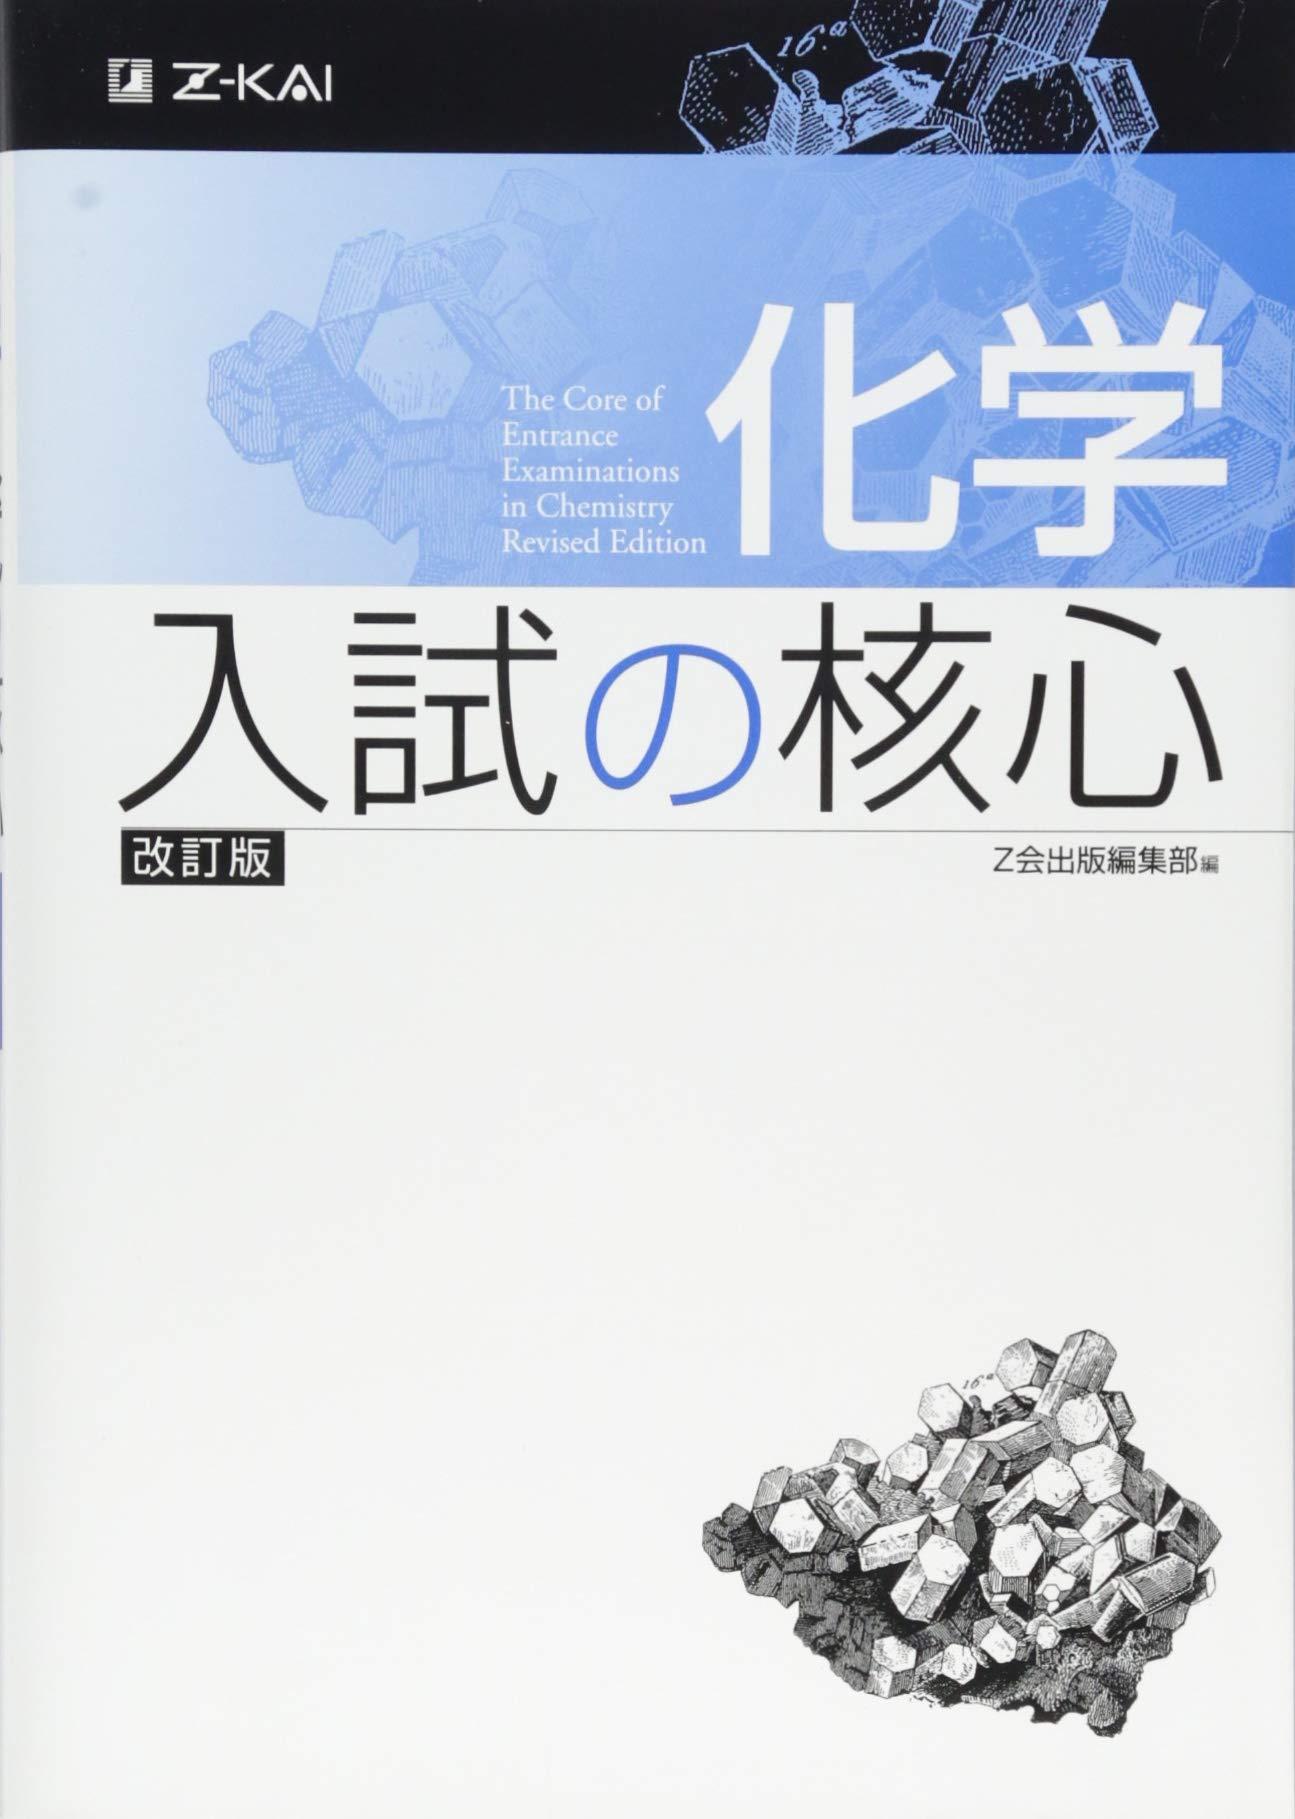 化学のおすすめ参考書・問題集『化学入試の核心』